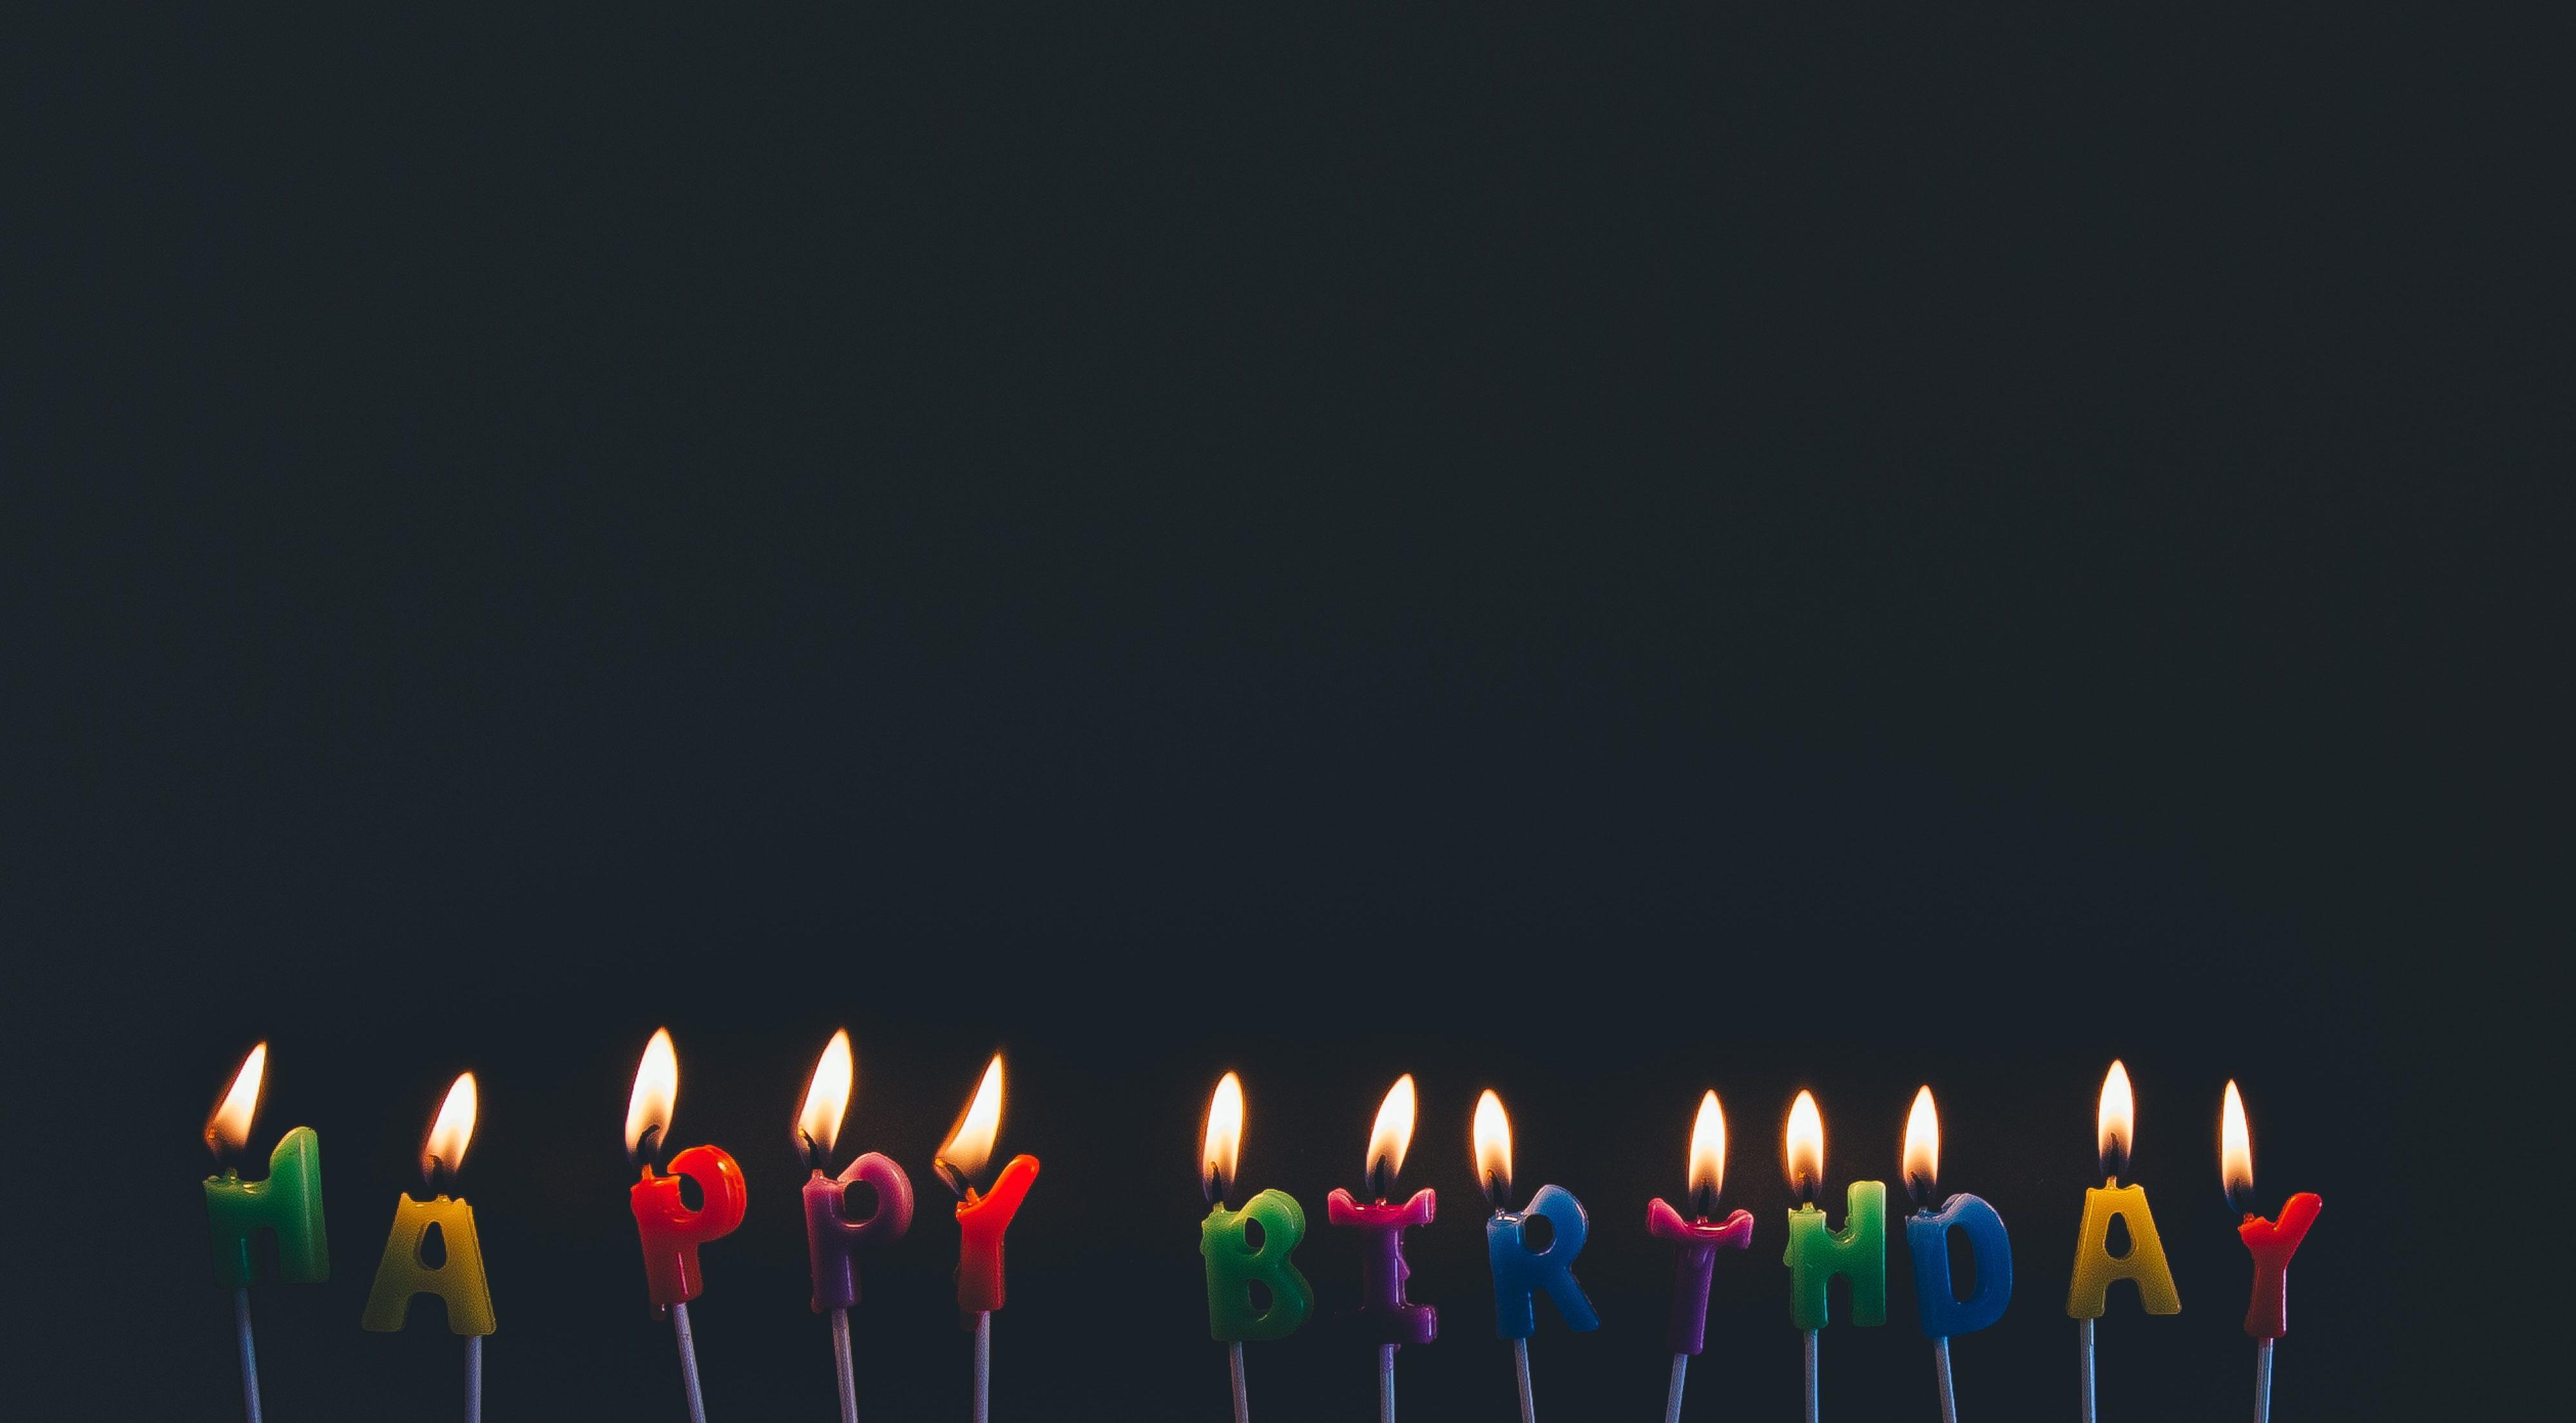 """Vor schwarzem Hintergrund stehen angezündete Kerzen, die gemeinsam """"Happy Birthday"""" ergeben."""